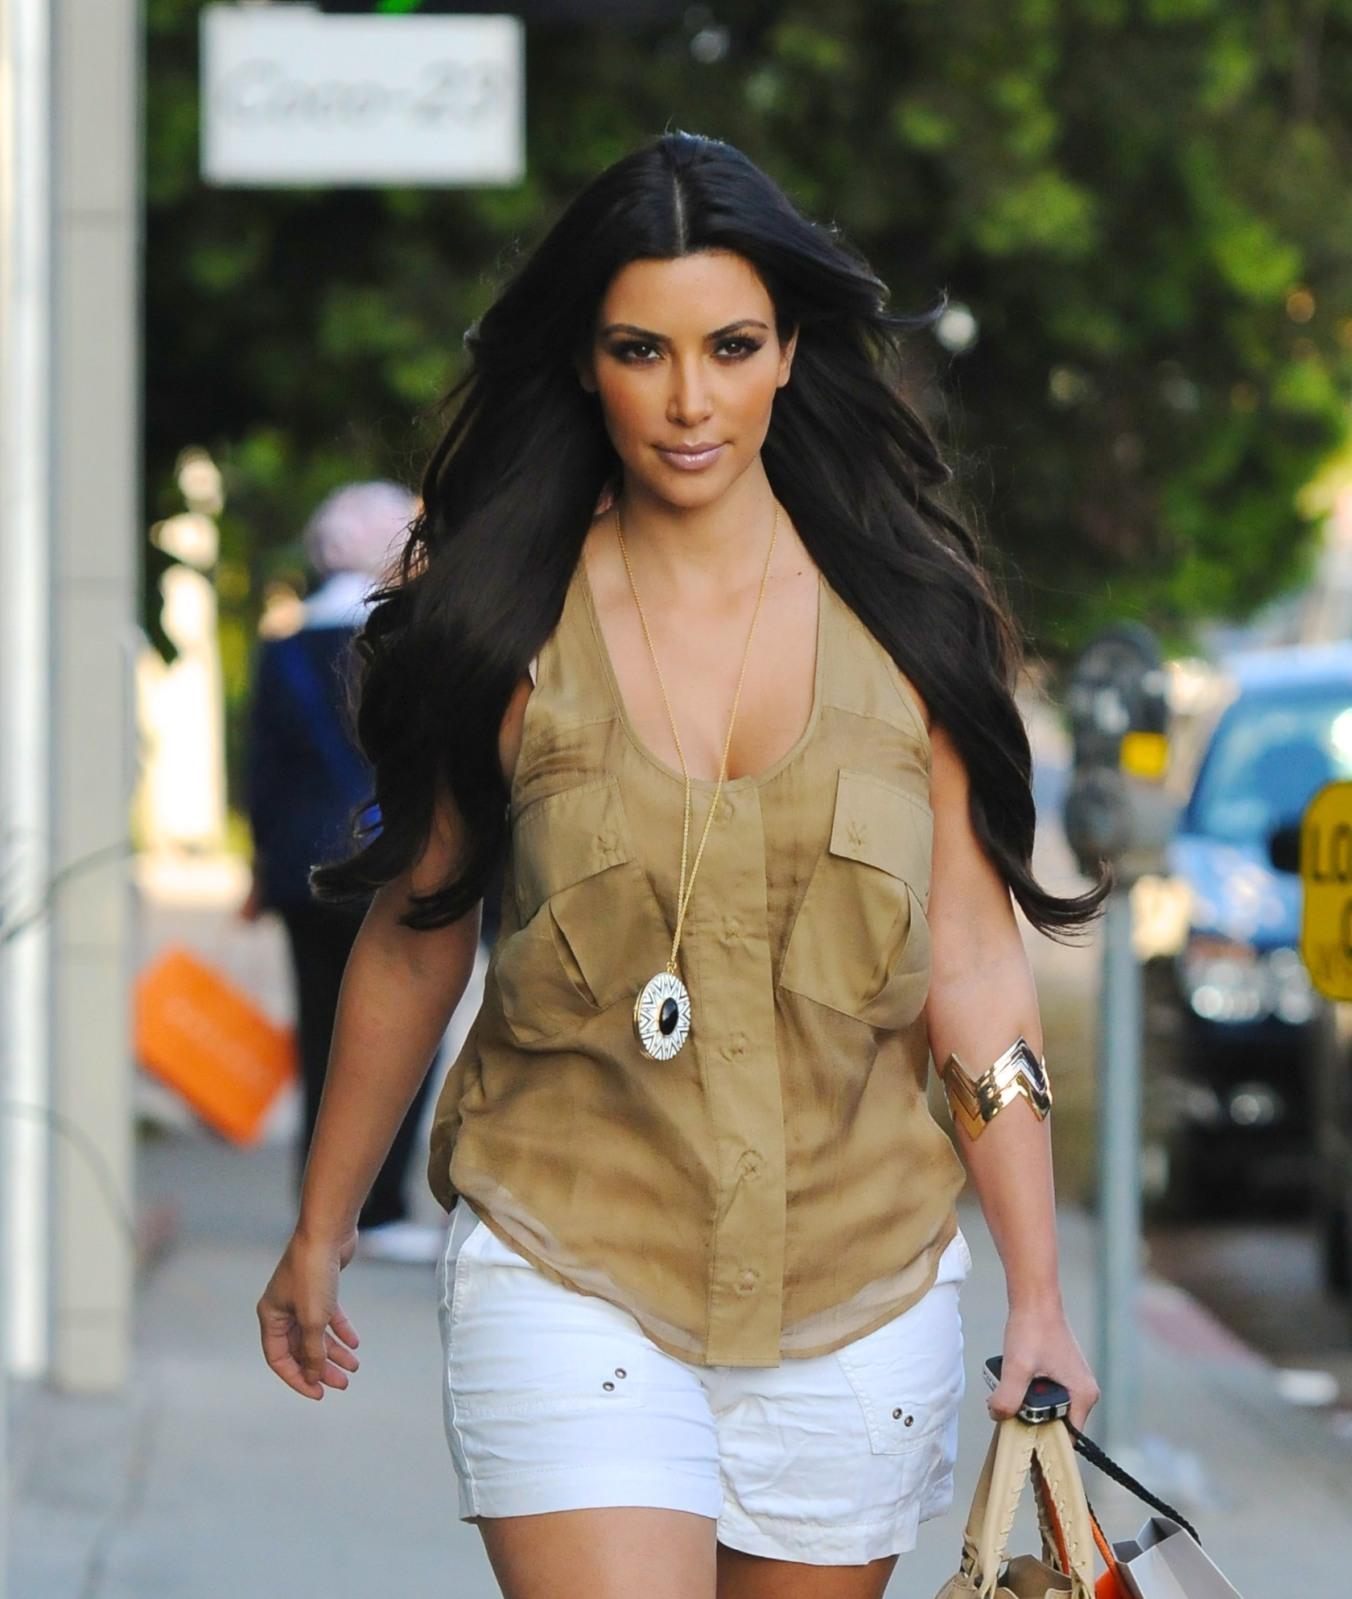 http://2.bp.blogspot.com/_8T7O1yy1VUo/TM_qCJSINVI/AAAAAAAADwg/tG3j69e3mRA/s1600/Kim%252Bkardashian2.jpg